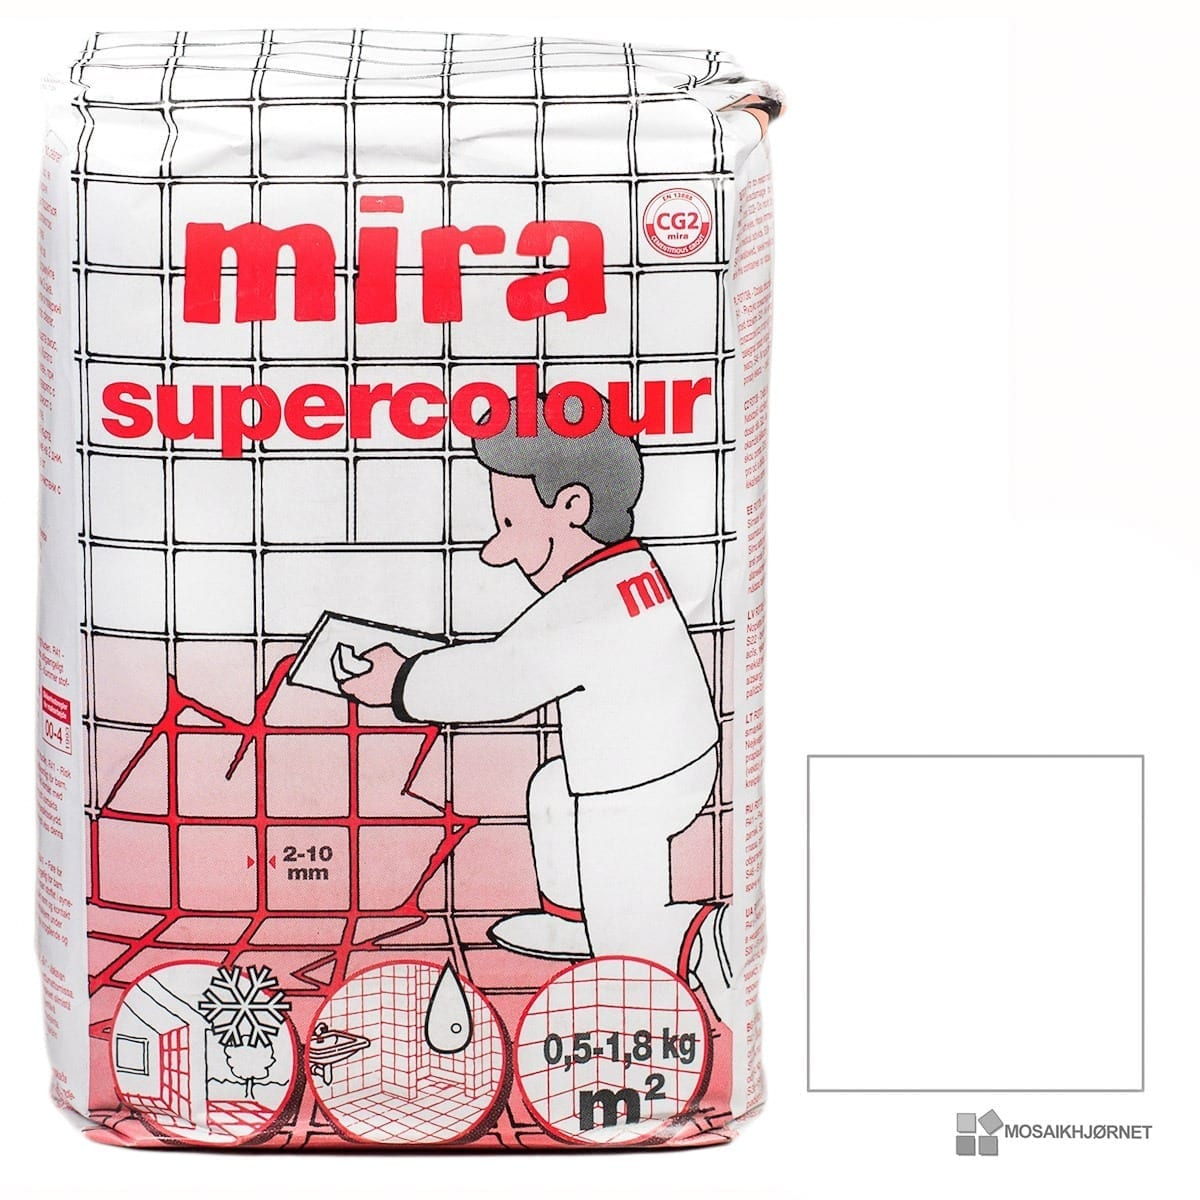 Supercolour 5 kg